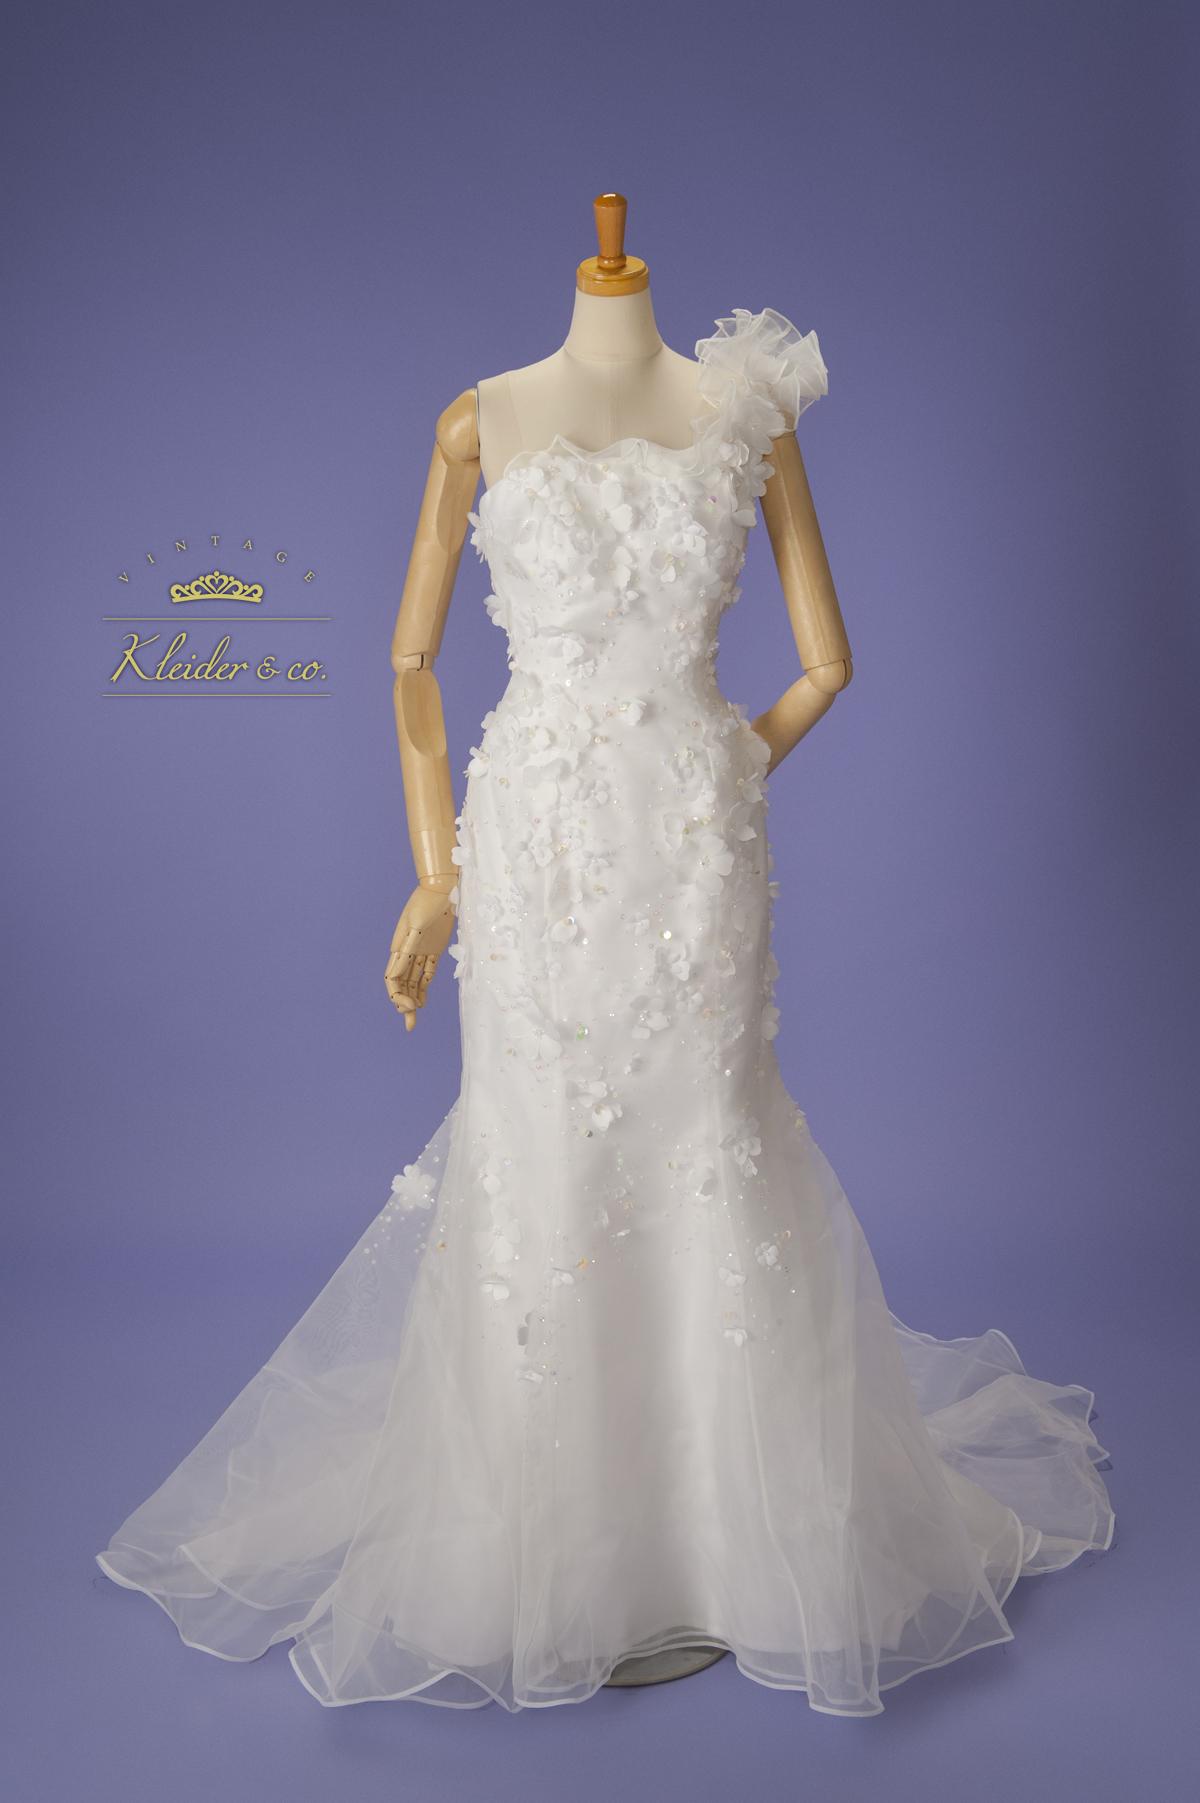 ウェディングドレス販売のクライダー&カンパニー